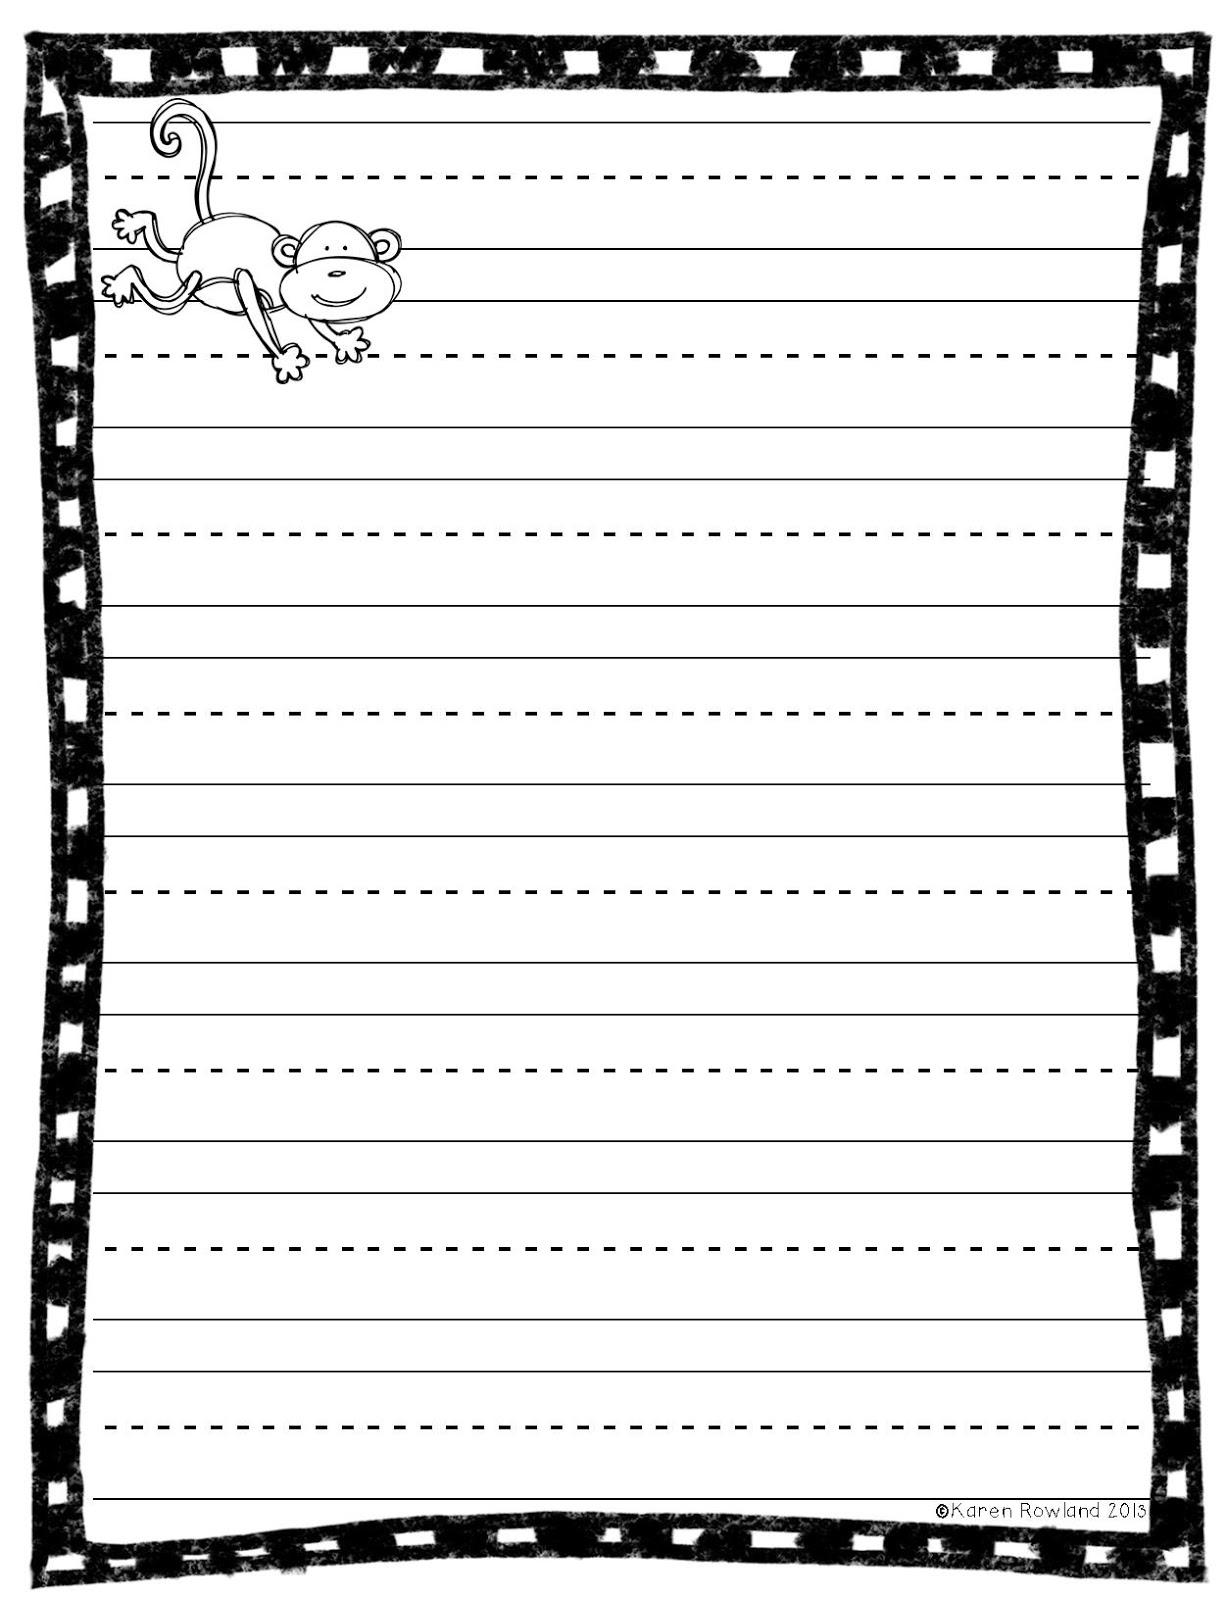 Free Beginning Writing Paper